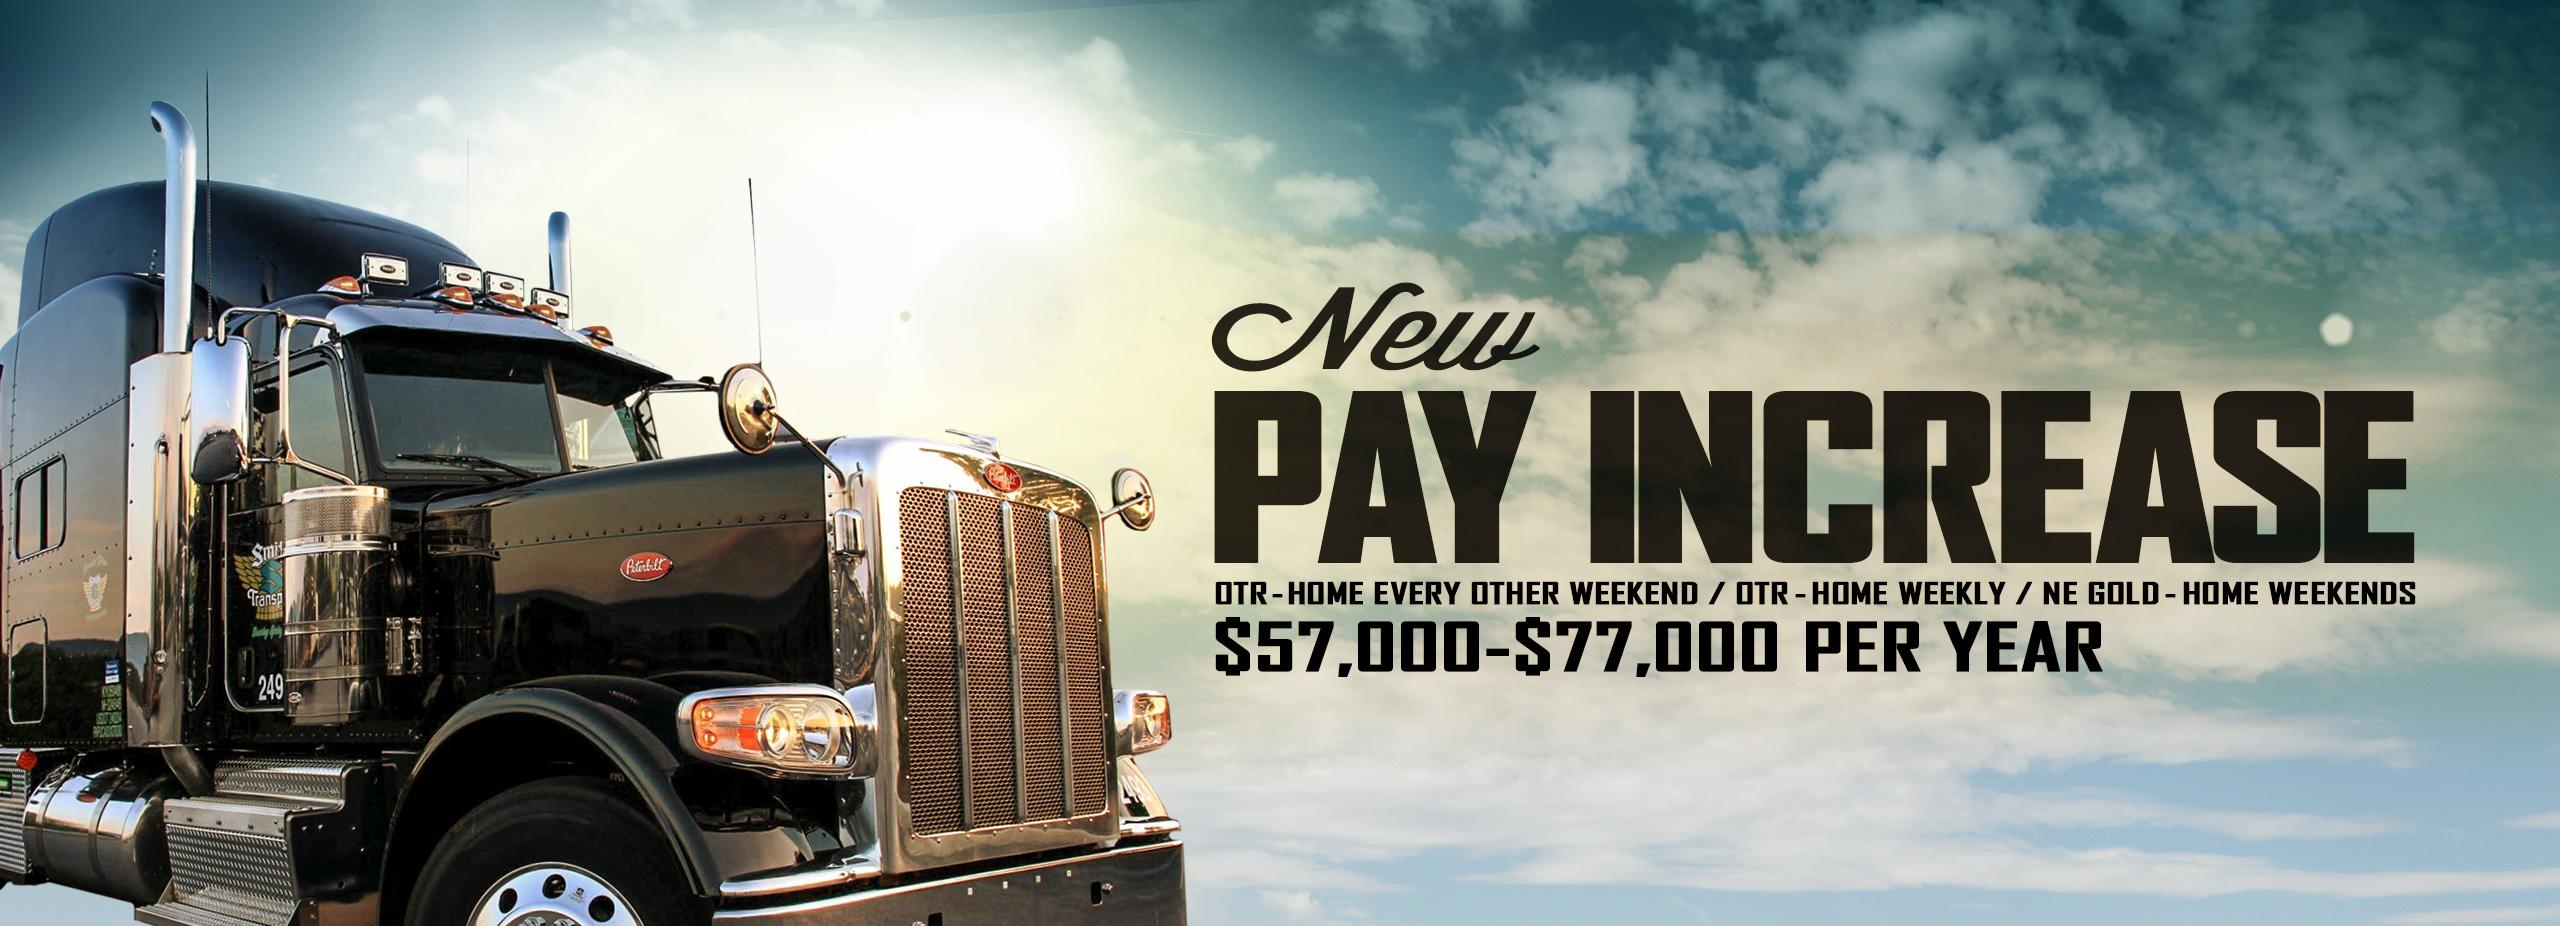 Pay Increase